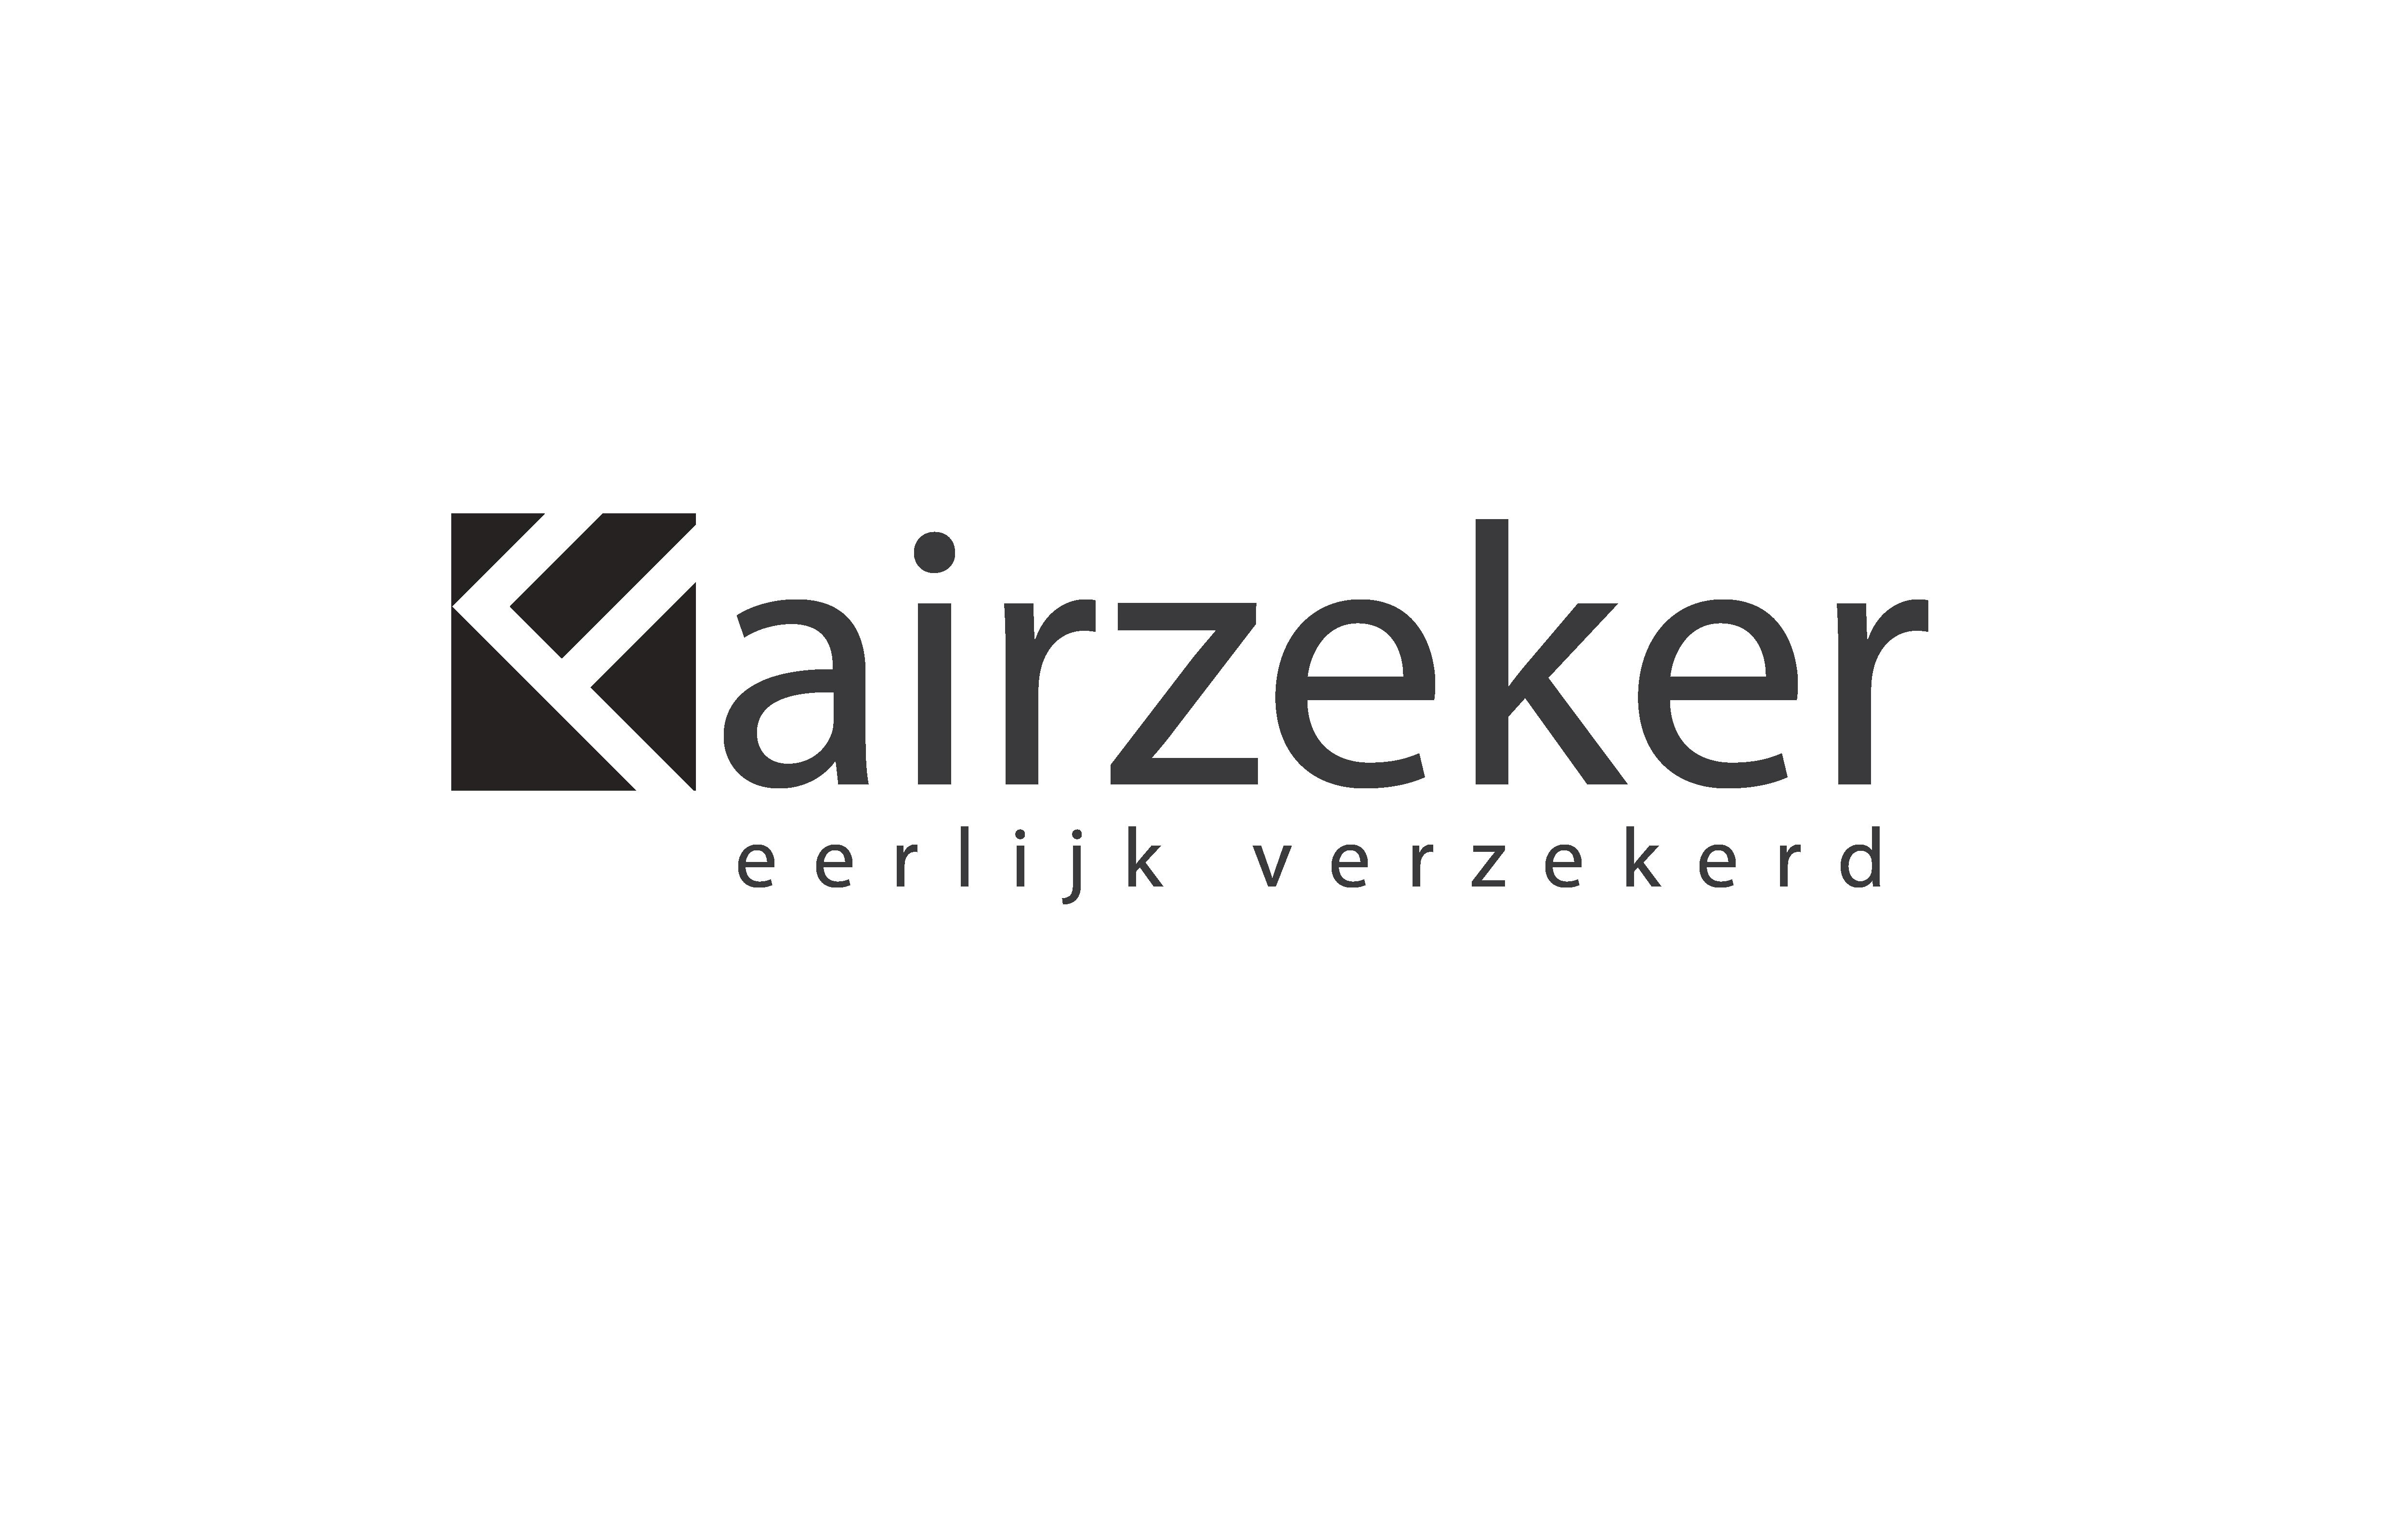 Fairzeker, eerlijk verzekerd Logo